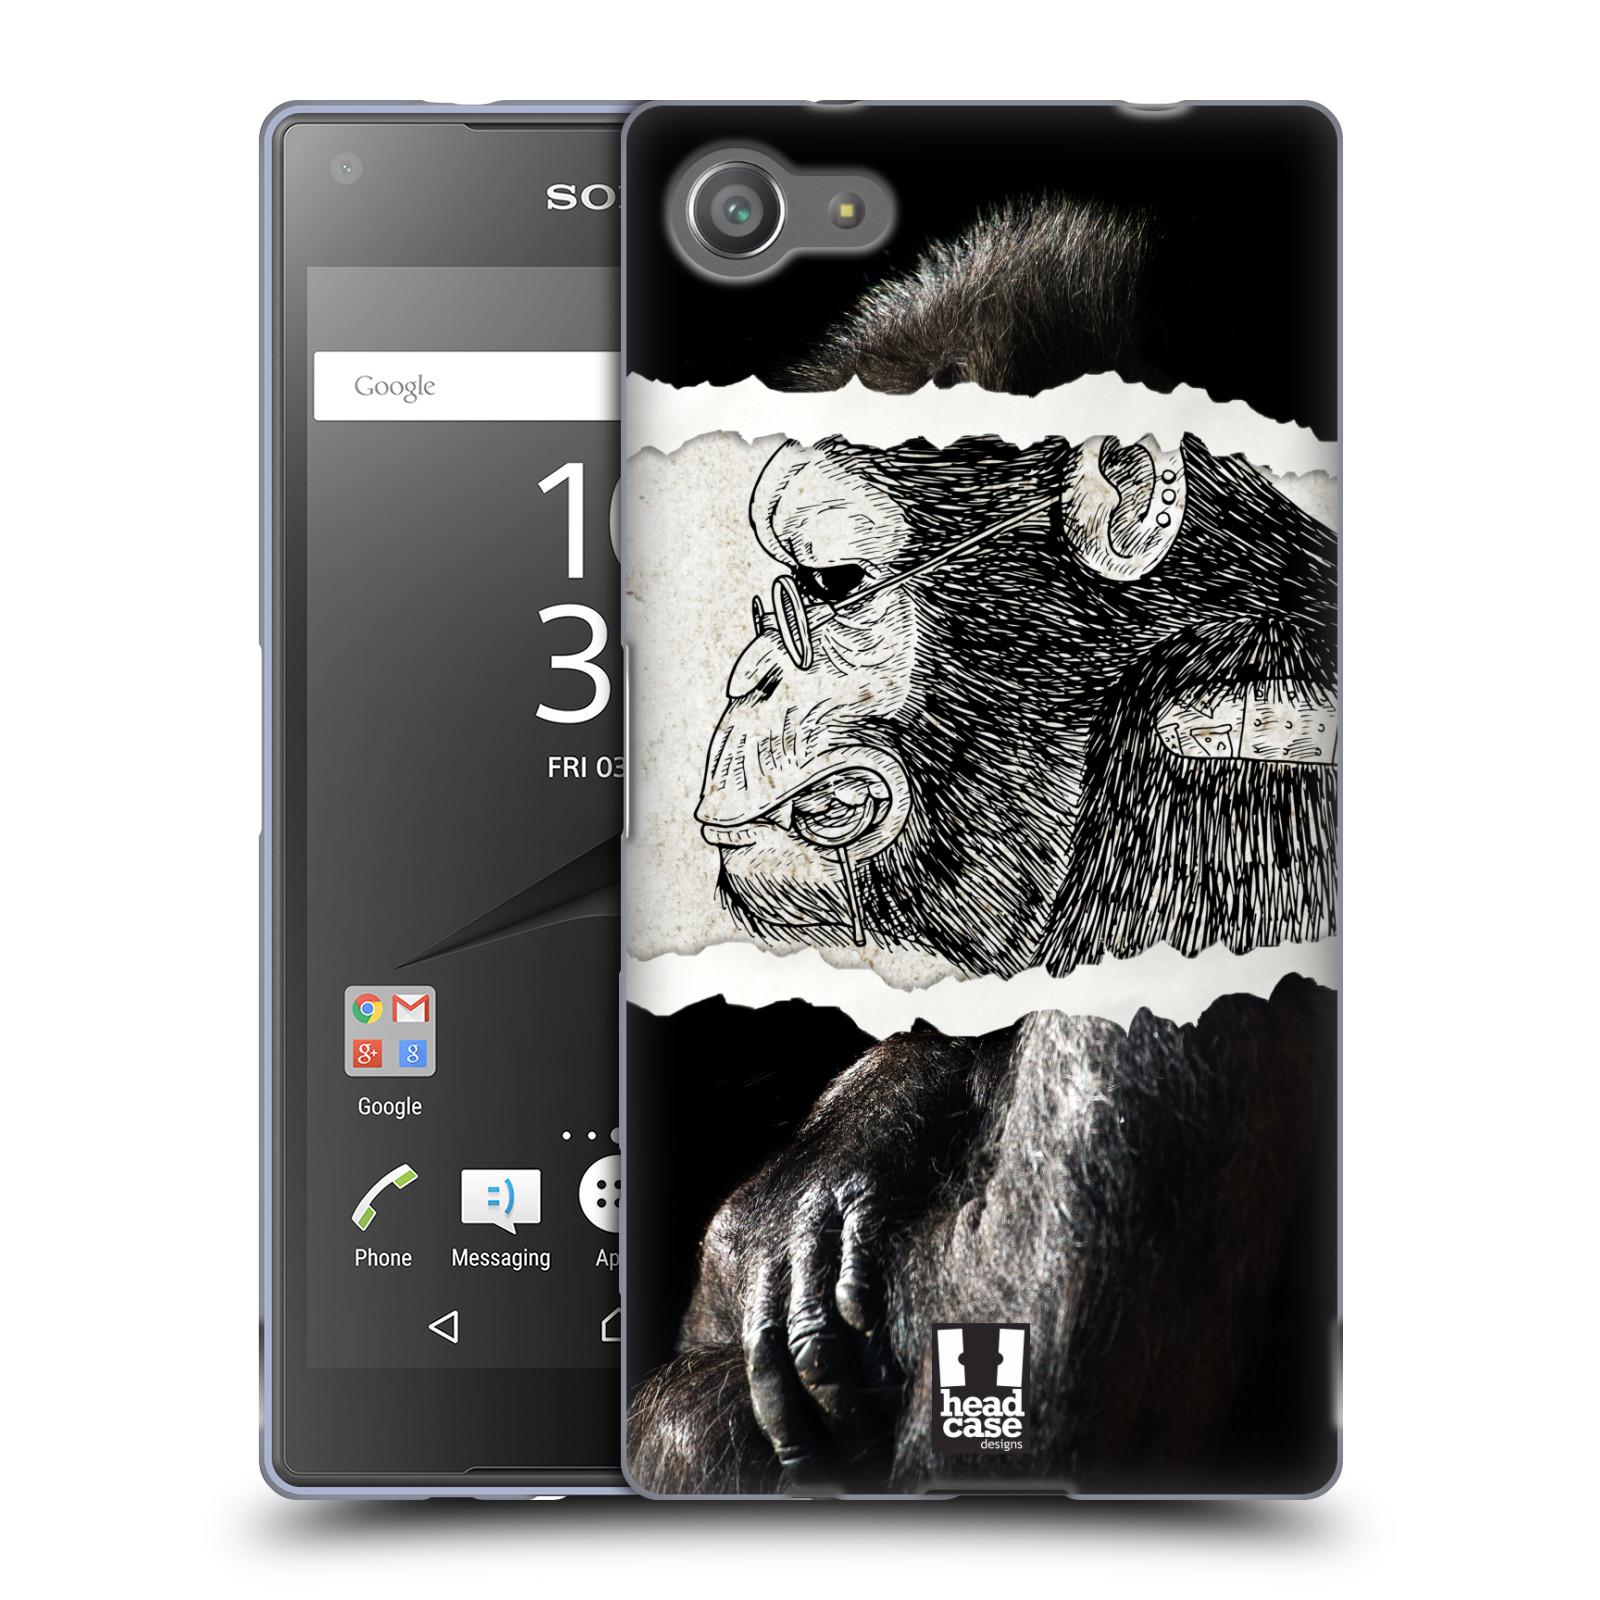 HEAD CASE silikonový obal na mobil Sony Xperia Z5 COMPACT vzor zvířata koláž opice